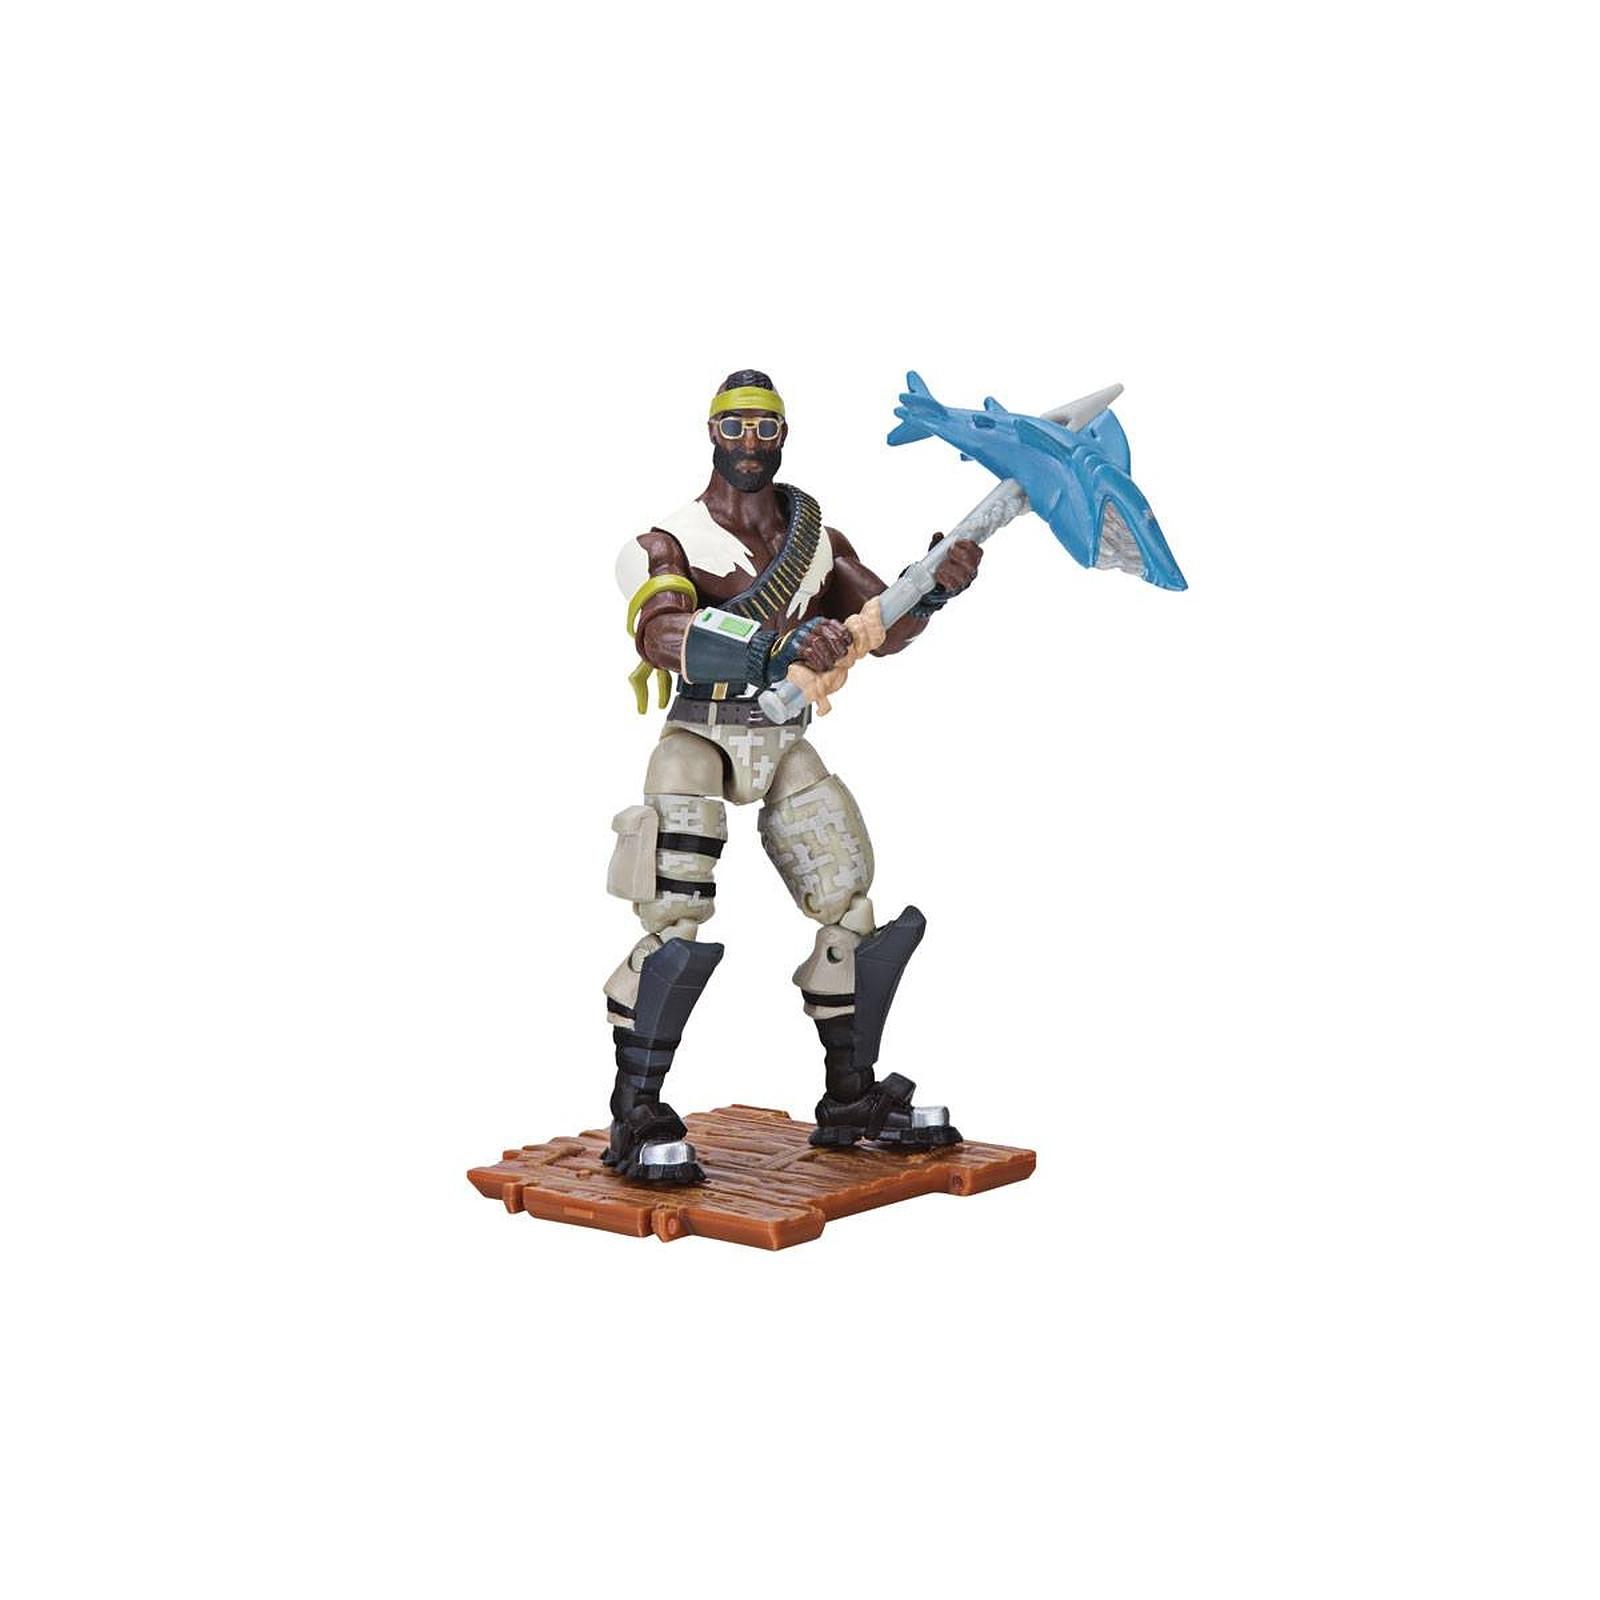 Fortnite - Figurine Solo Mode Bandolier 10 cm